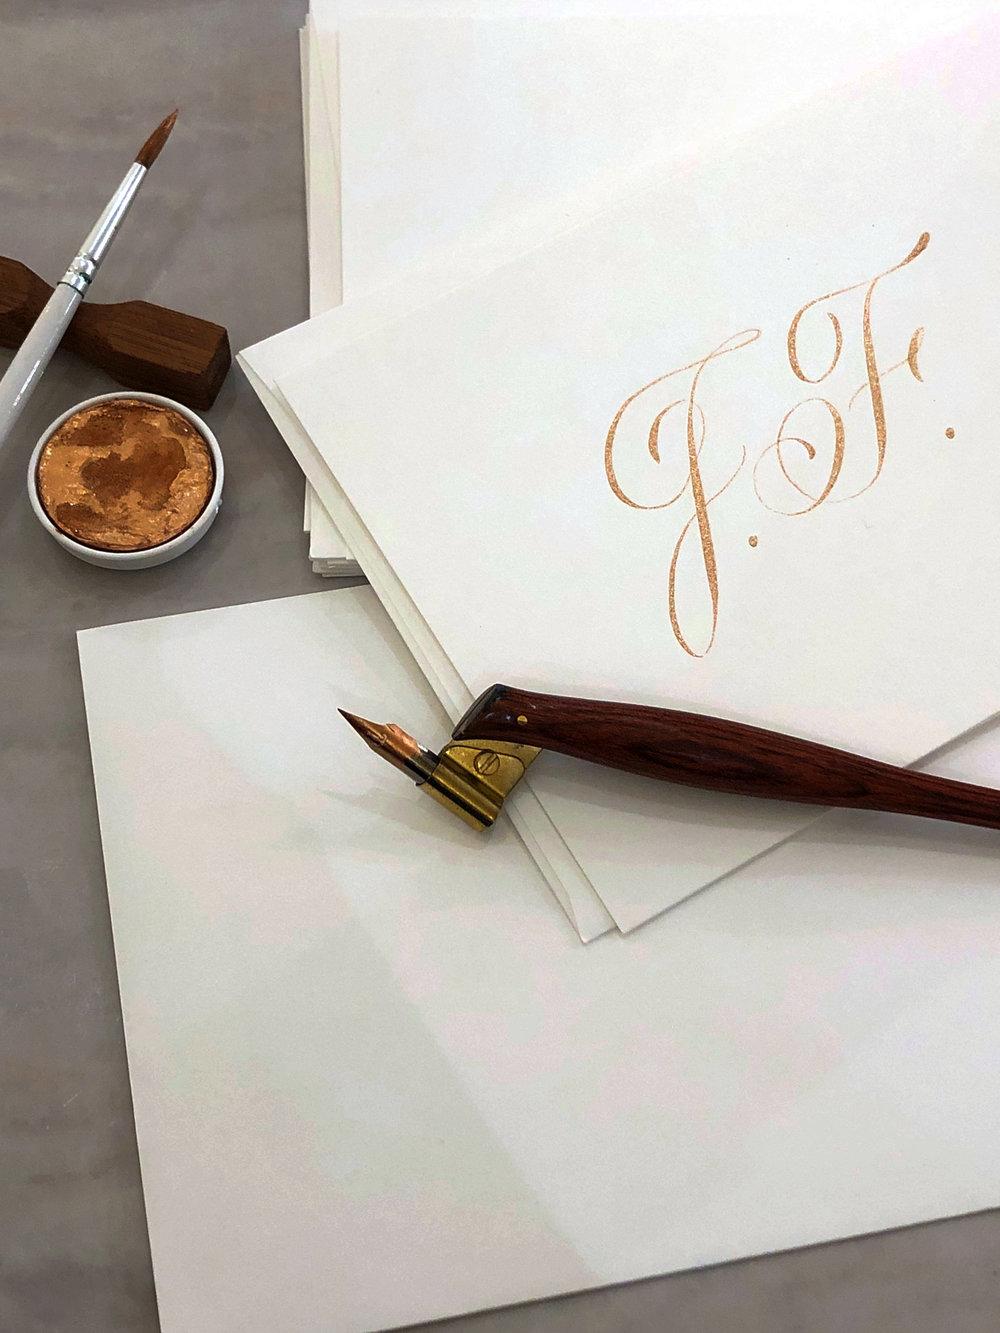 Jimmy Choo custom calligraphy | www.chavelli.com